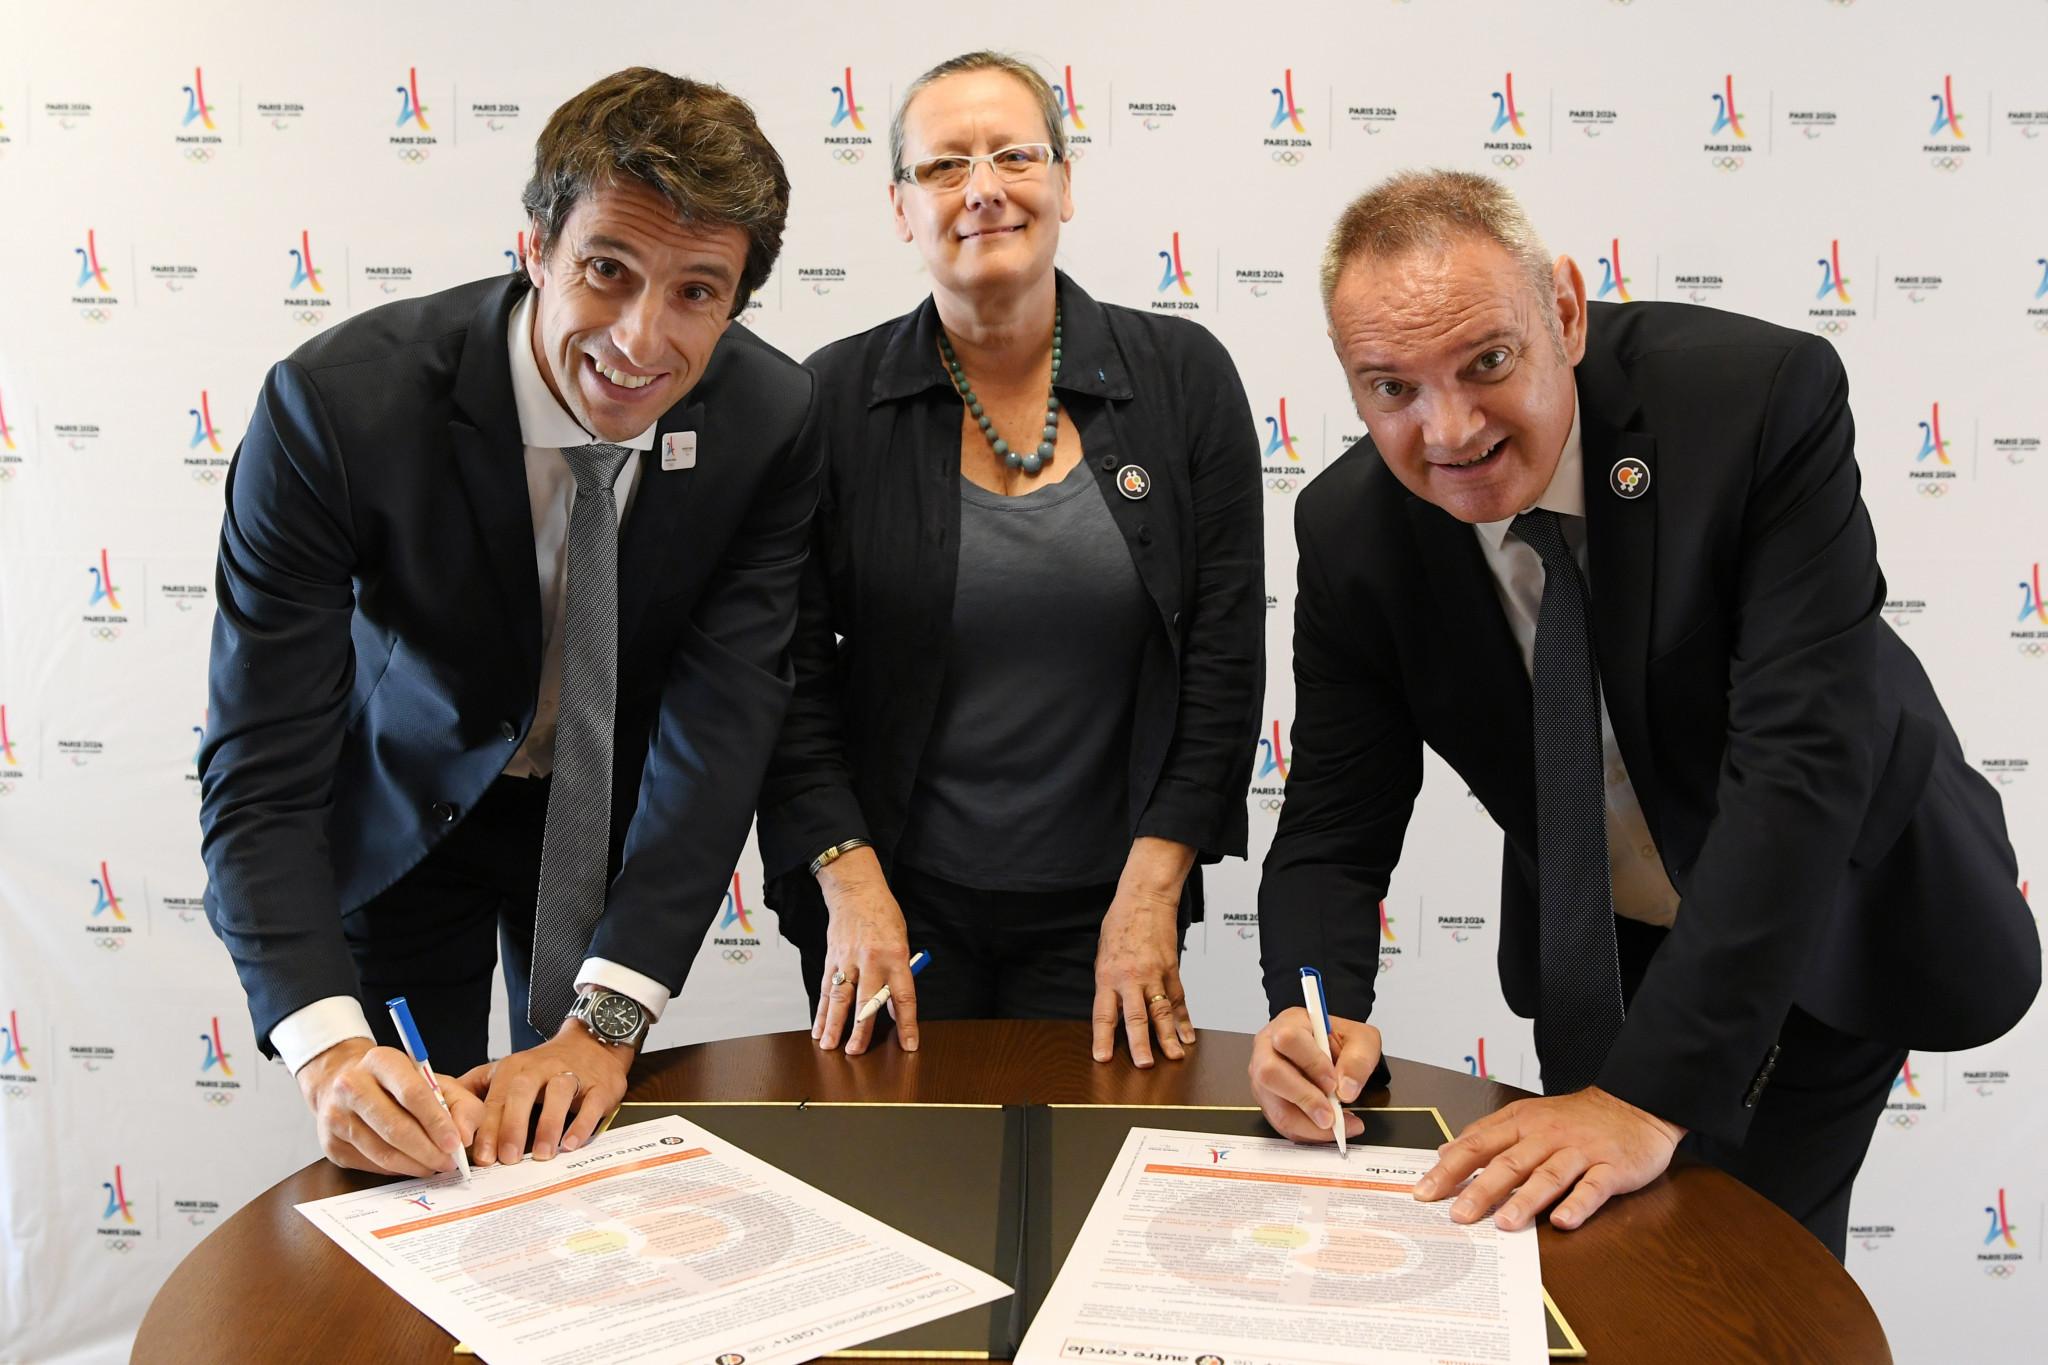 Paris 2024 President Tony Estanguet, left, signed an LGBT engagement charter ©Paris 2024